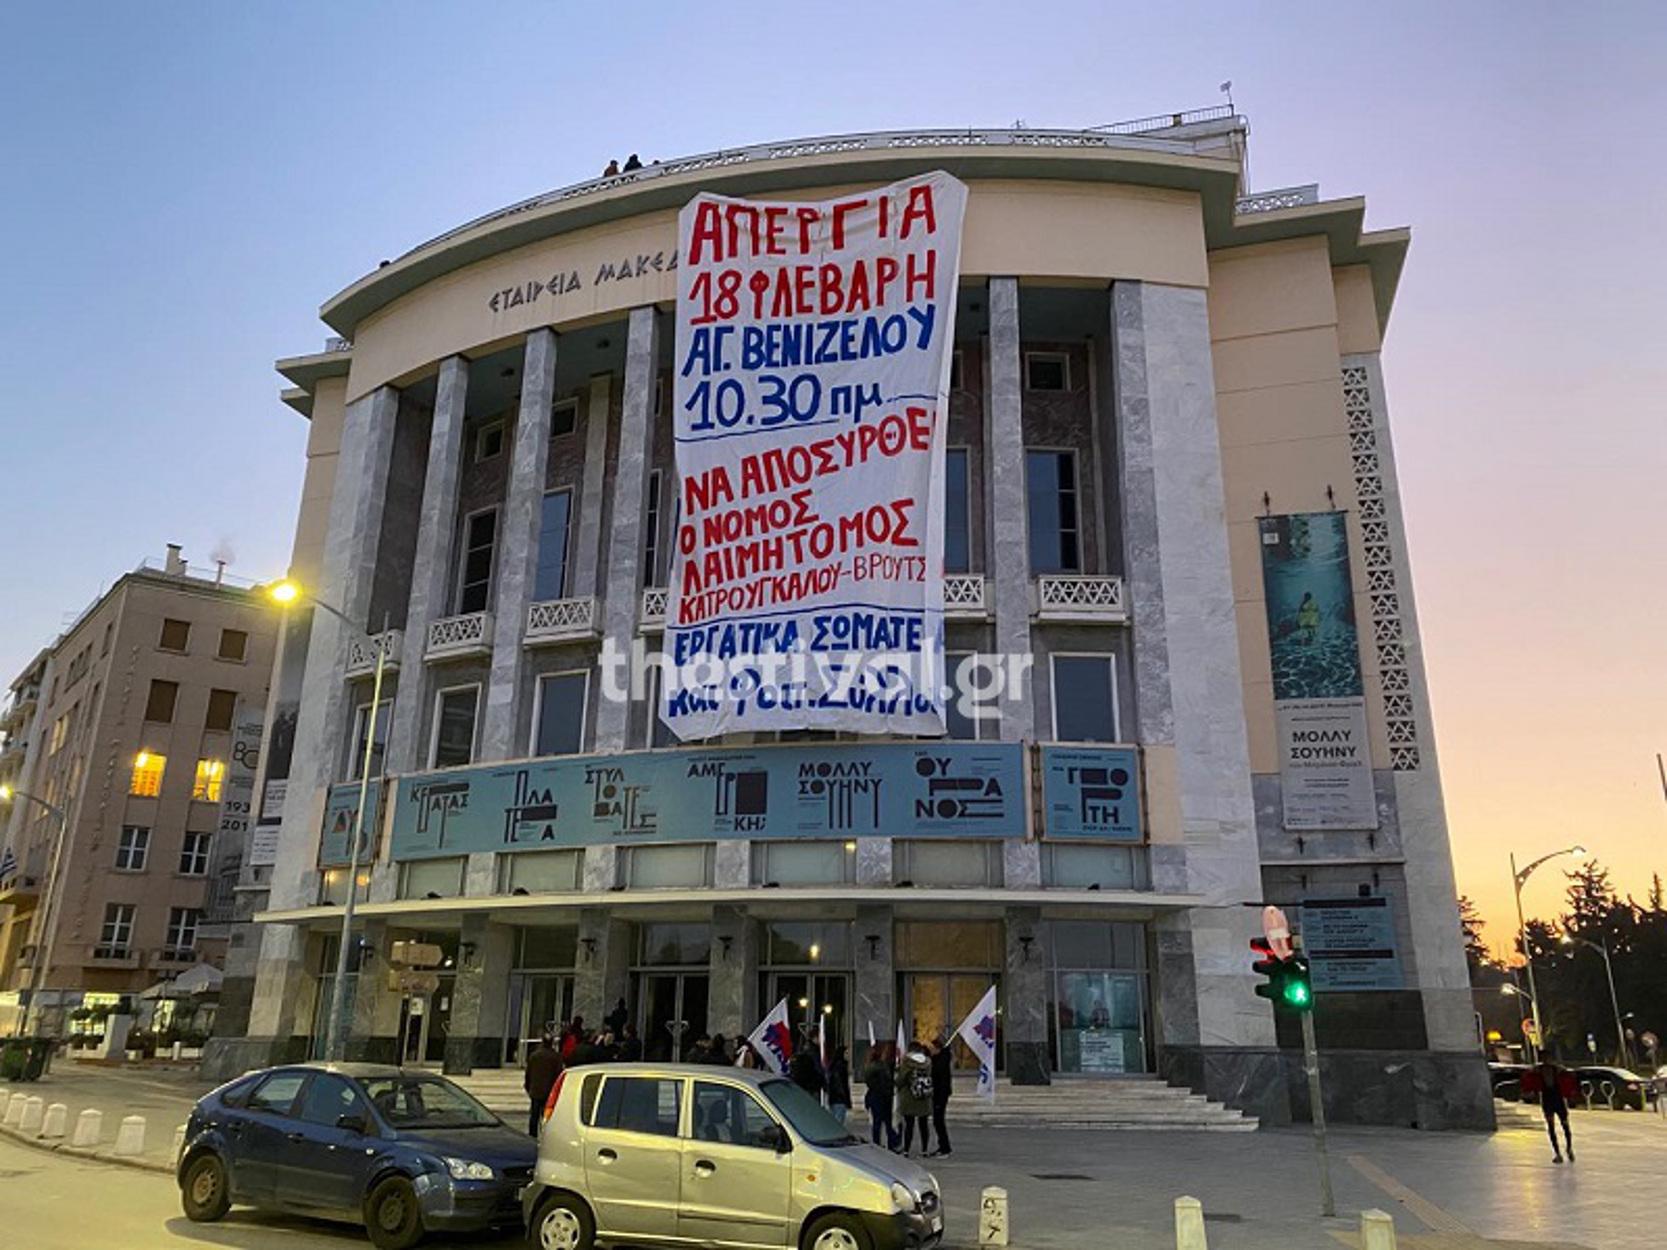 Πανό του ΠΑΜΕ στο Κρατικό Θέατρο Βορείου Ελλάδος για την απεργία [pics]